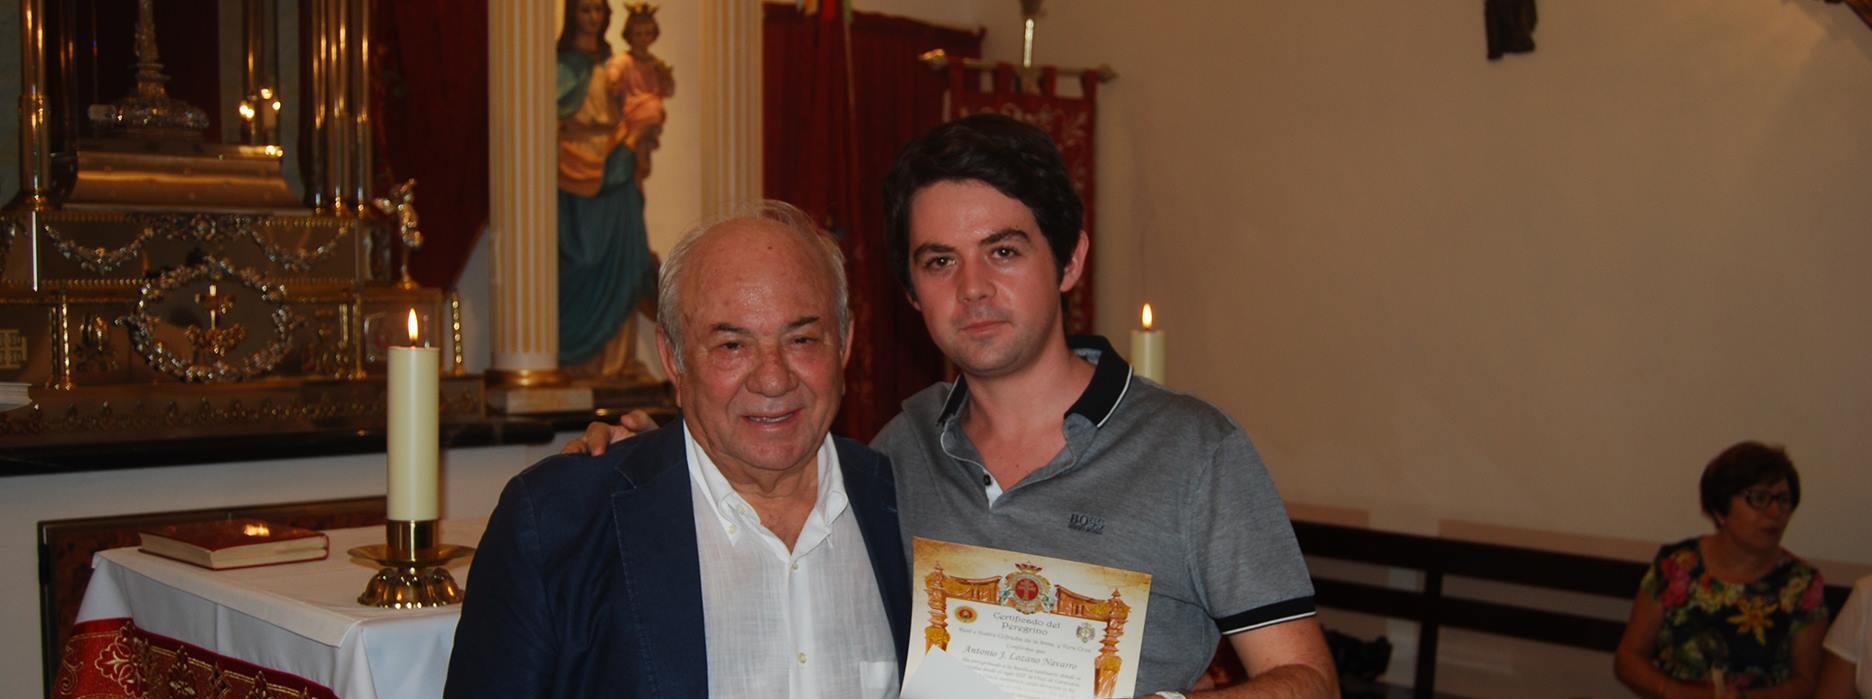 Entrega de diplomas de la peregrinación del 28 mayo 2017